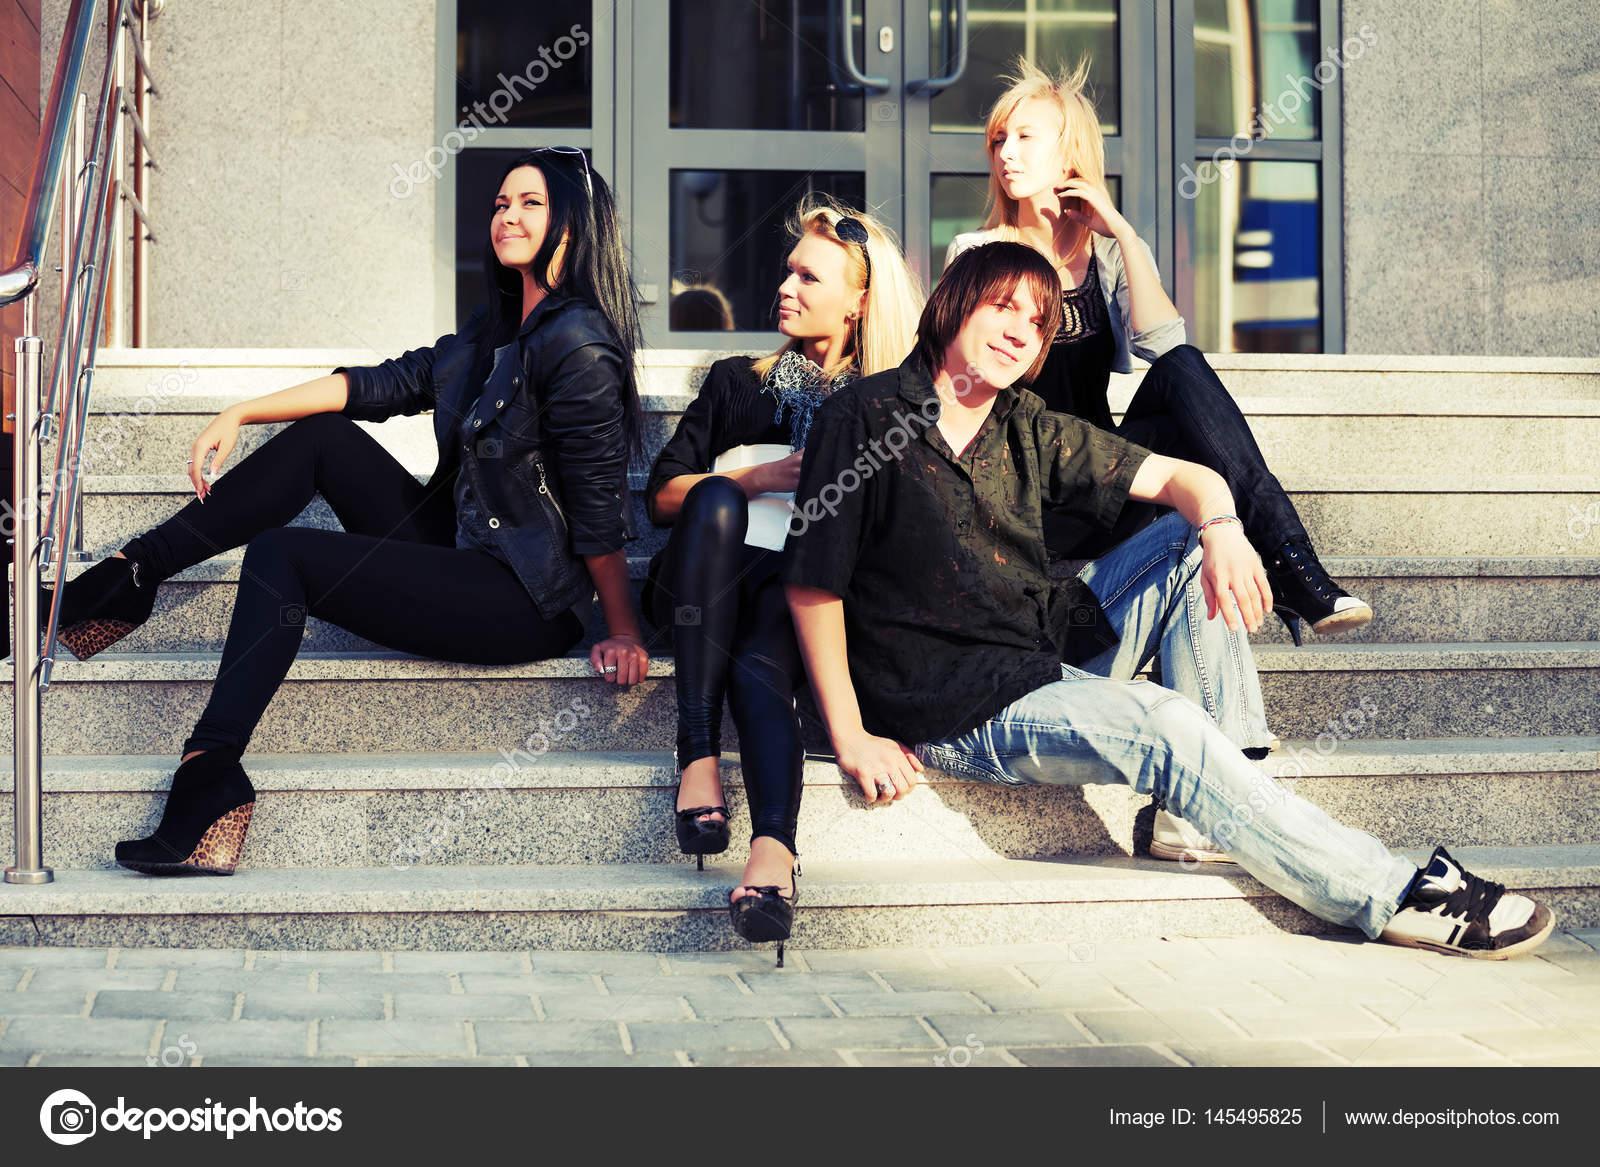 c0395a3116b Móda pro mladé muže a ženy sedí na schodech — Stock Fotografie ...